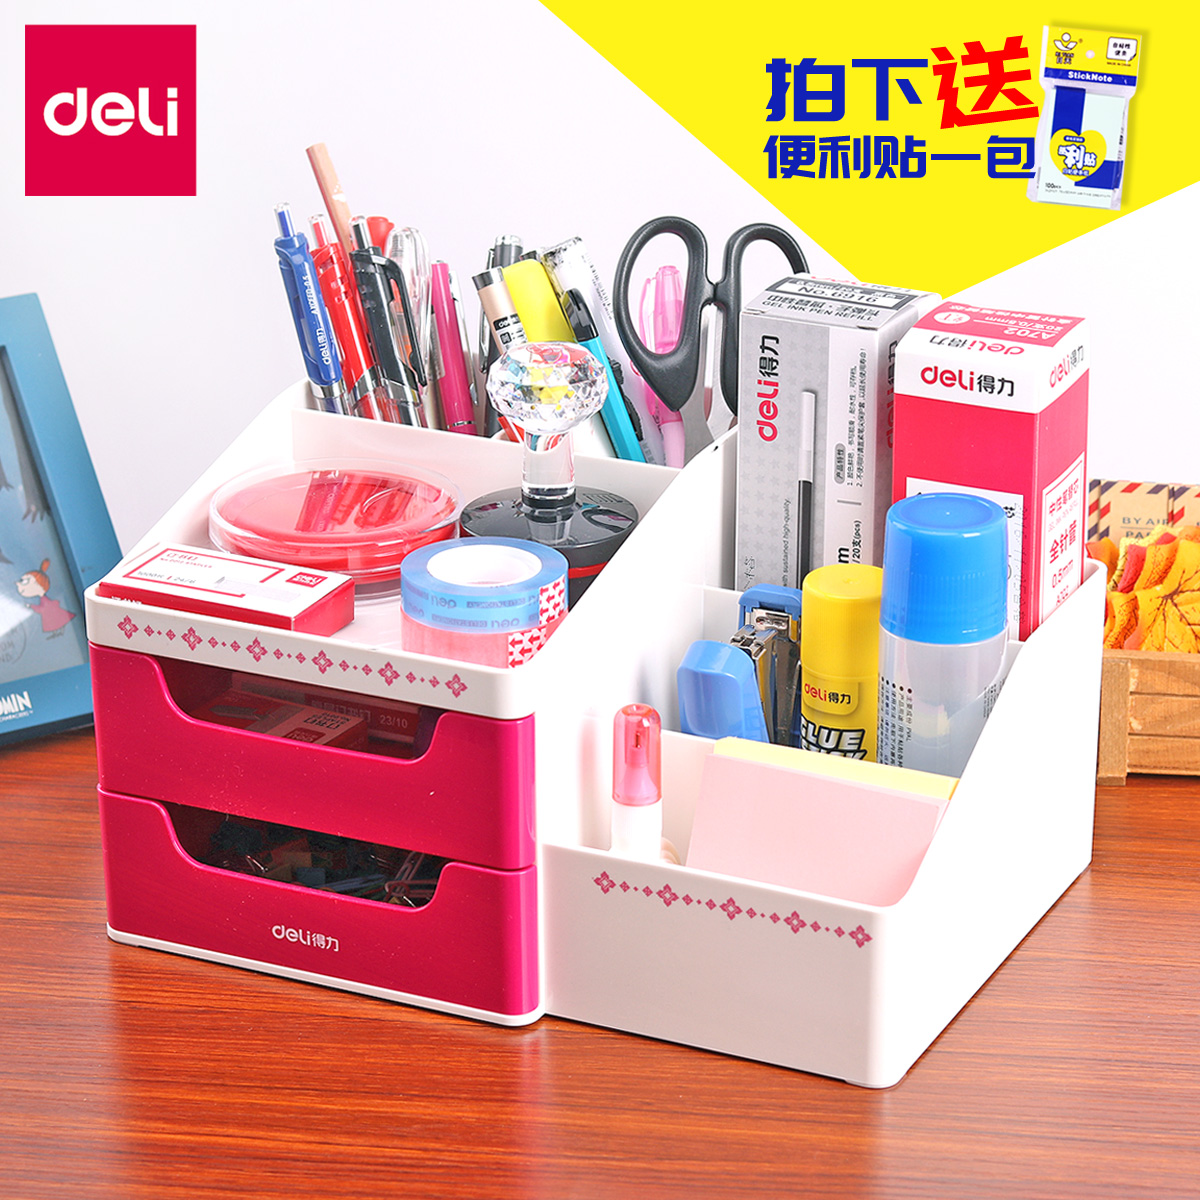 得力笔筒创意时尚韩国小清新可爱学生文具收纳盒桌面摆件多功能办公室笔筒简约大容量塑料办公学生用品